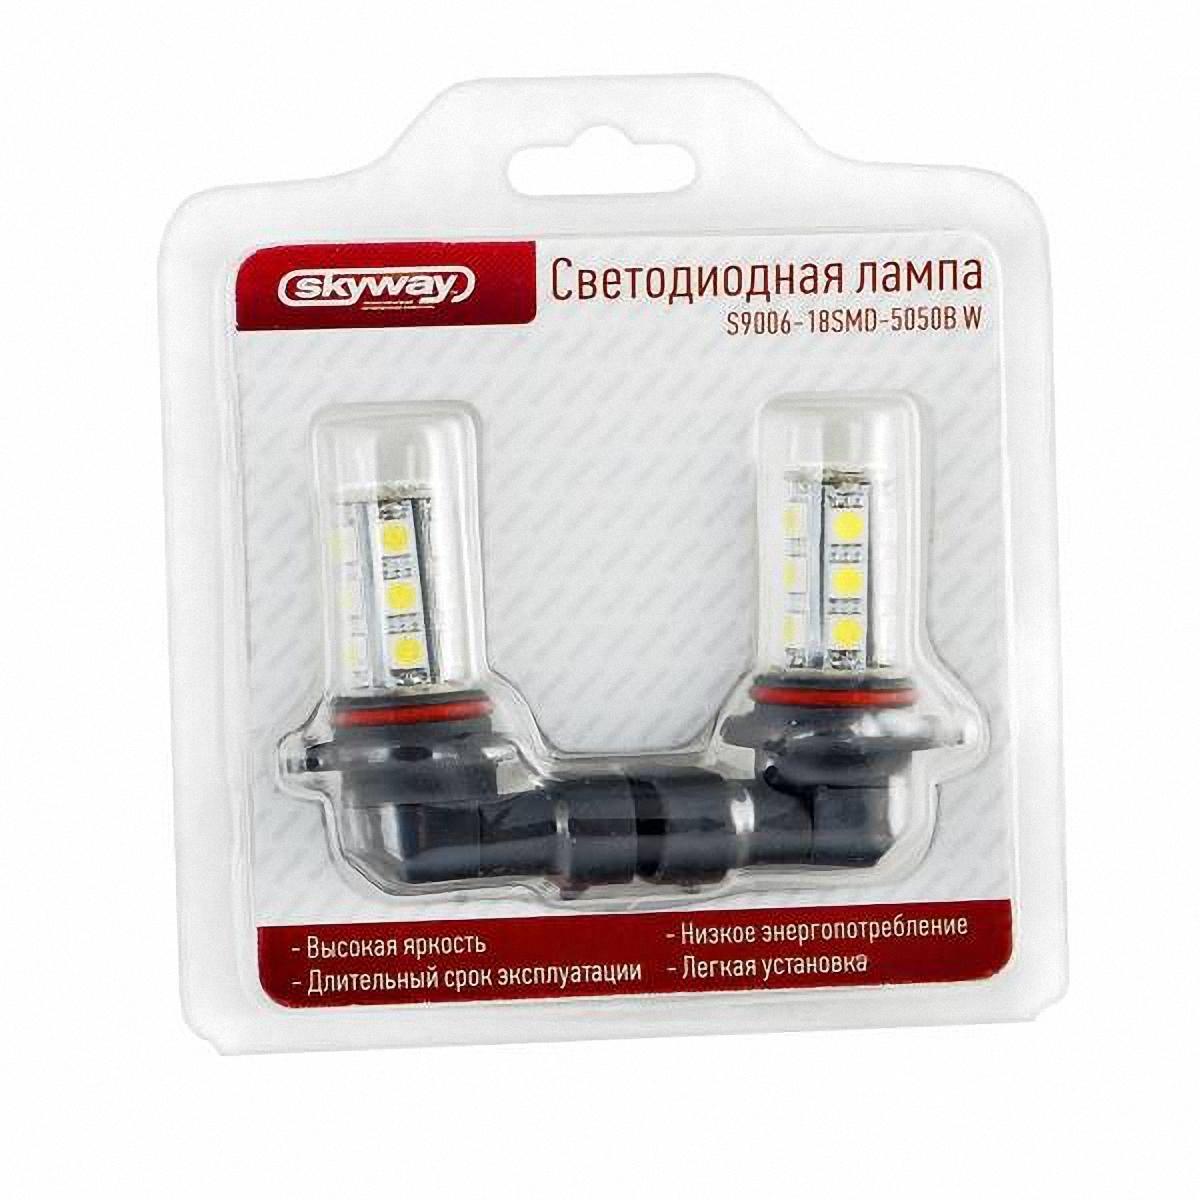 Автолампа диод SkywayHB4/9006. S9006 5050-18B (блистер) (2шт)S9006 5050-18B (блистер) (2шт)Автолампа диод HB4/9006 12V 18 SMD применяется в головном освещении и в противотуманных фарах.Корпус лампы сделан из алюминия, благодаря чему светодиоды не перегреваются.Яркий свет лампы обеспечит хорошее освещение дороги в любых погодных условиях.Использование диодных автоламп дает значительное снижение потребления электроэнергии, следовательно, снижается расход топлива двигателем автомобиля.